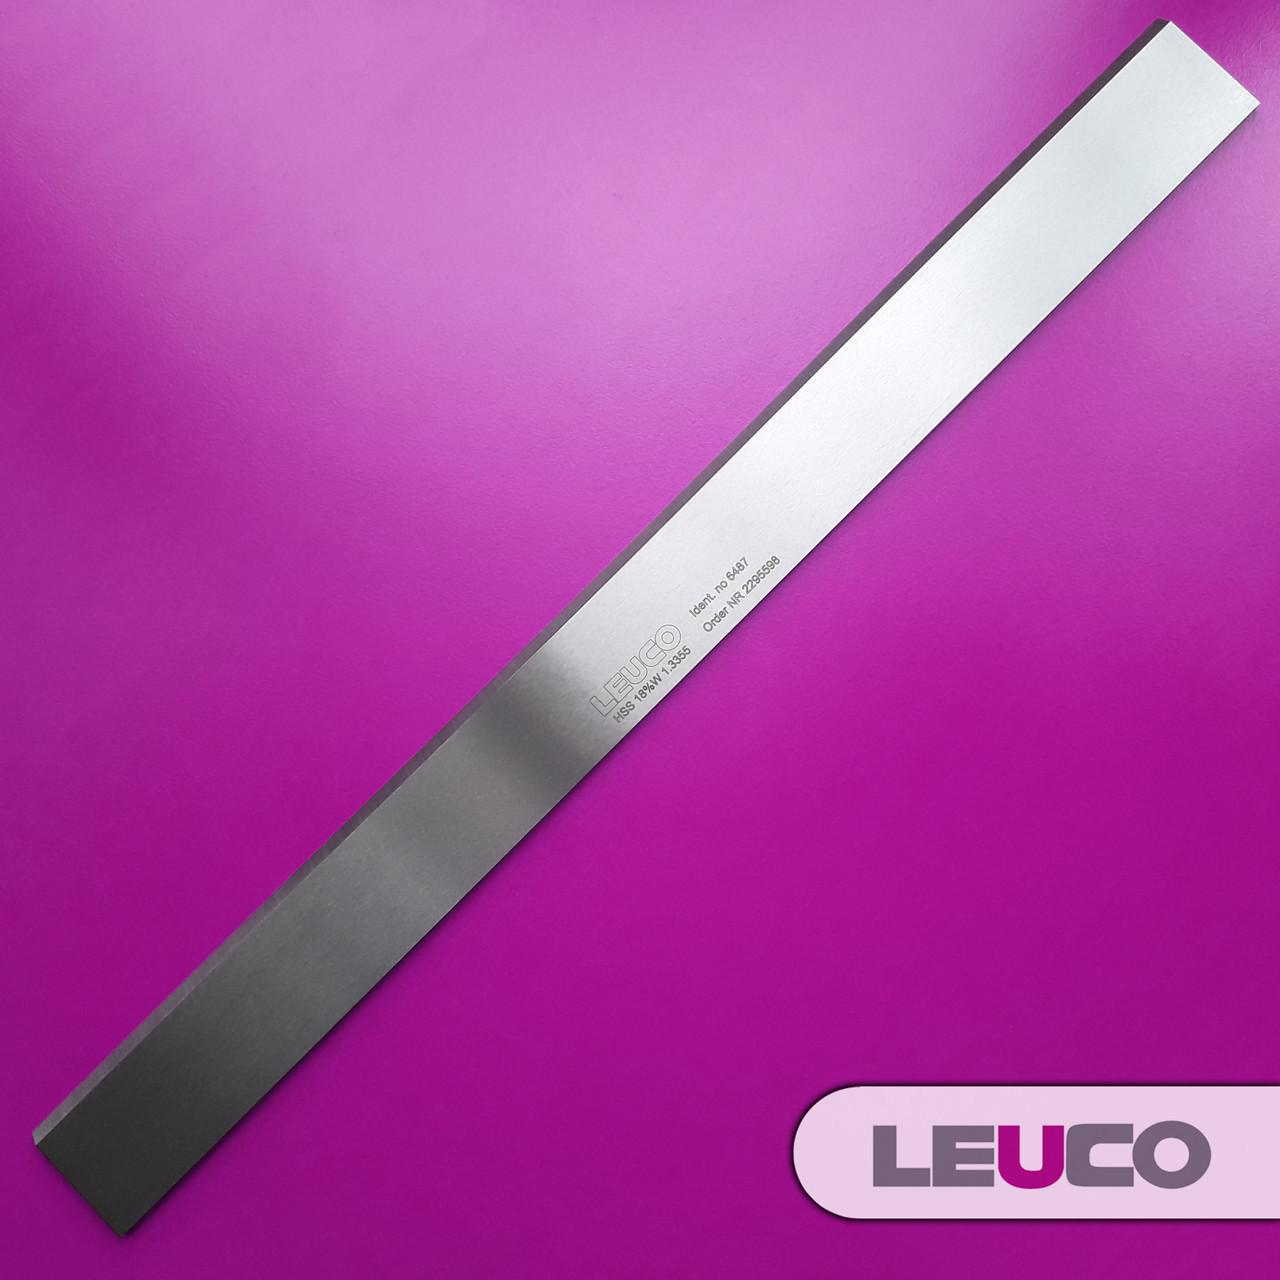 610х35x3 HSS 18% Строгальные (фуговальные) ножи Leuco для фуганков и рейсмусов